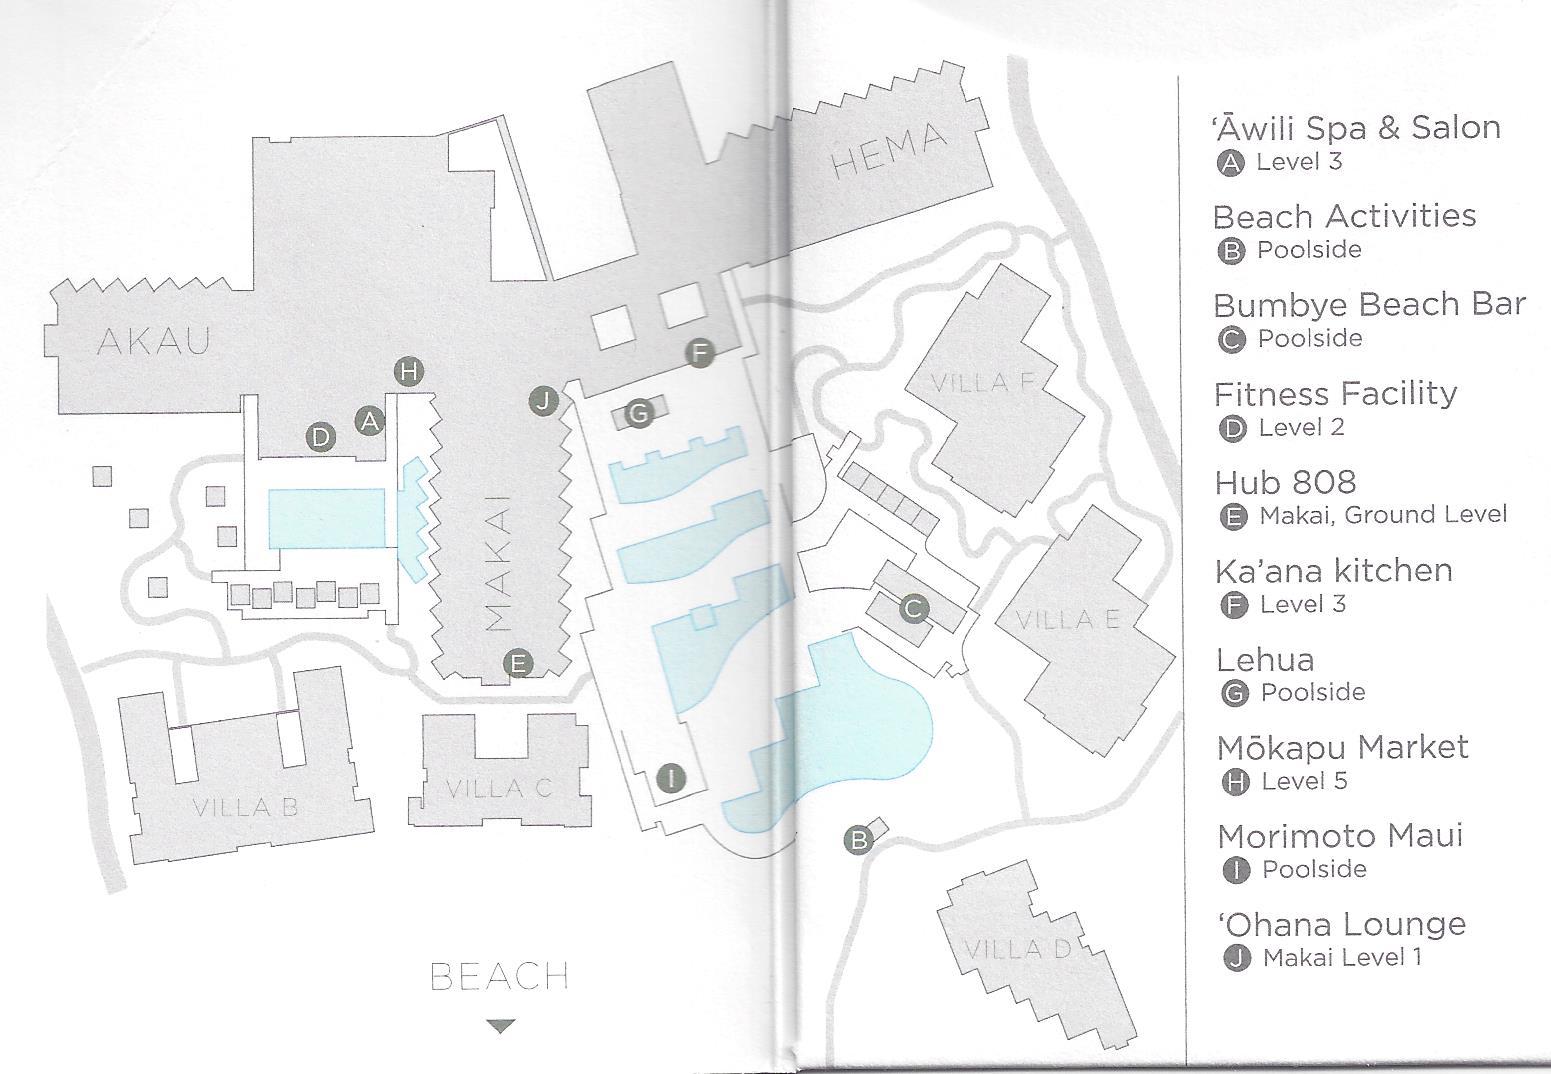 Review: Andaz Maui at Wailea on maui haleakala sunrise, maui hotels and resorts, maui kahului airport, maui spa, maui animals, maui people, maui surf spots, kaanapali beach map, maui vacation packages, maui black sand, maui paintings, maui sunseeker lgbt resort, maui mat, big island hawaii resort map, maui beach resort, maui hawii, maui hawaii hotels,